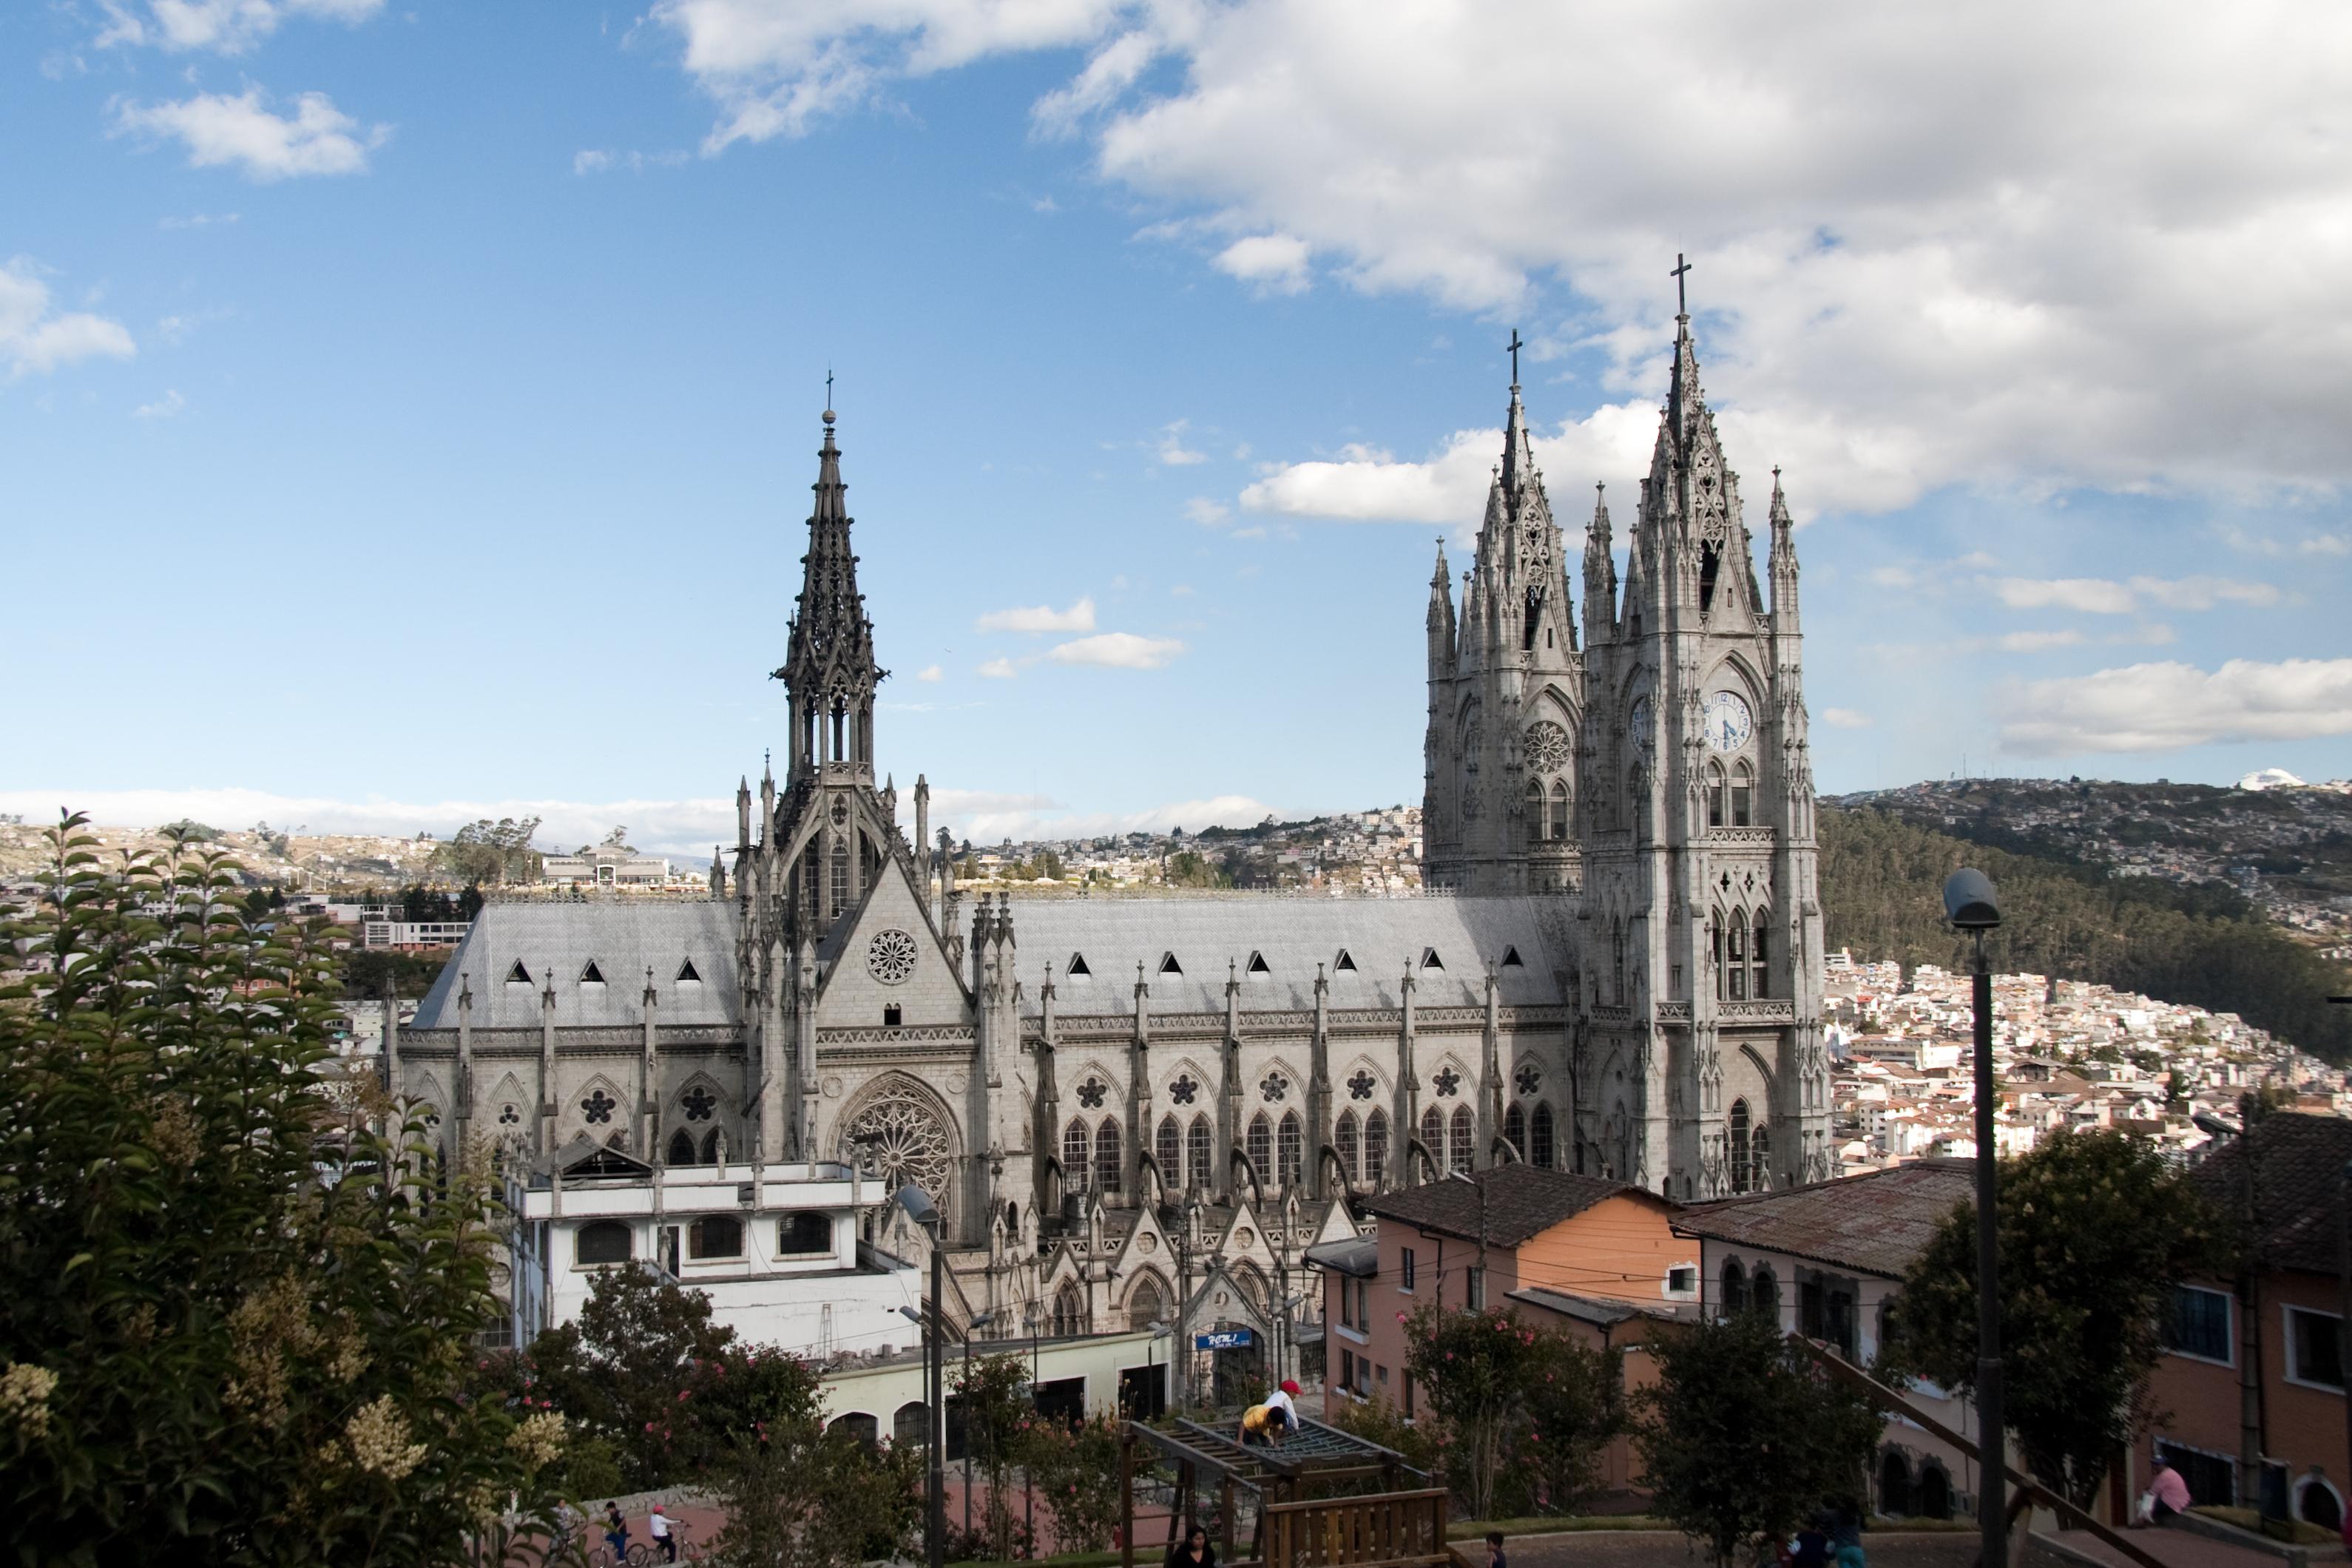 Ficheiro:Basílica del Voto Nacional, Quito - 4.jpg – Wikipédia, a  enciclopédia livre